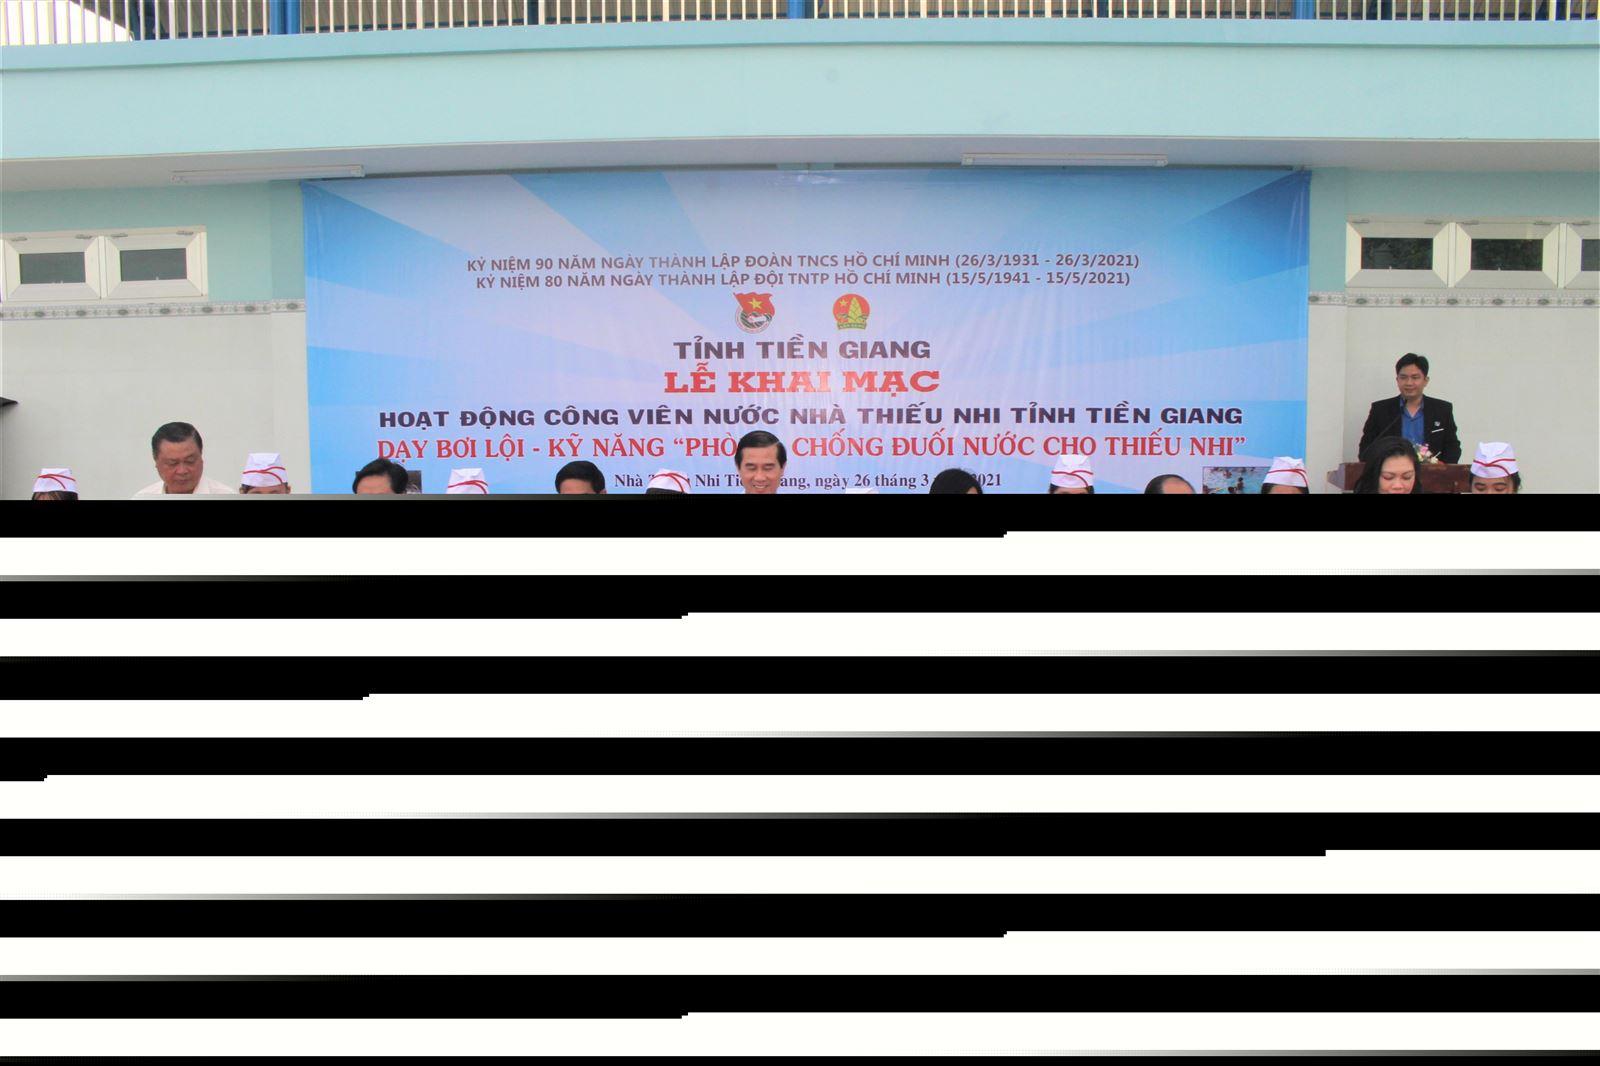 Khai mạc Công viên nước Nhà Thiếu nhi tỉnh Tiền Giang